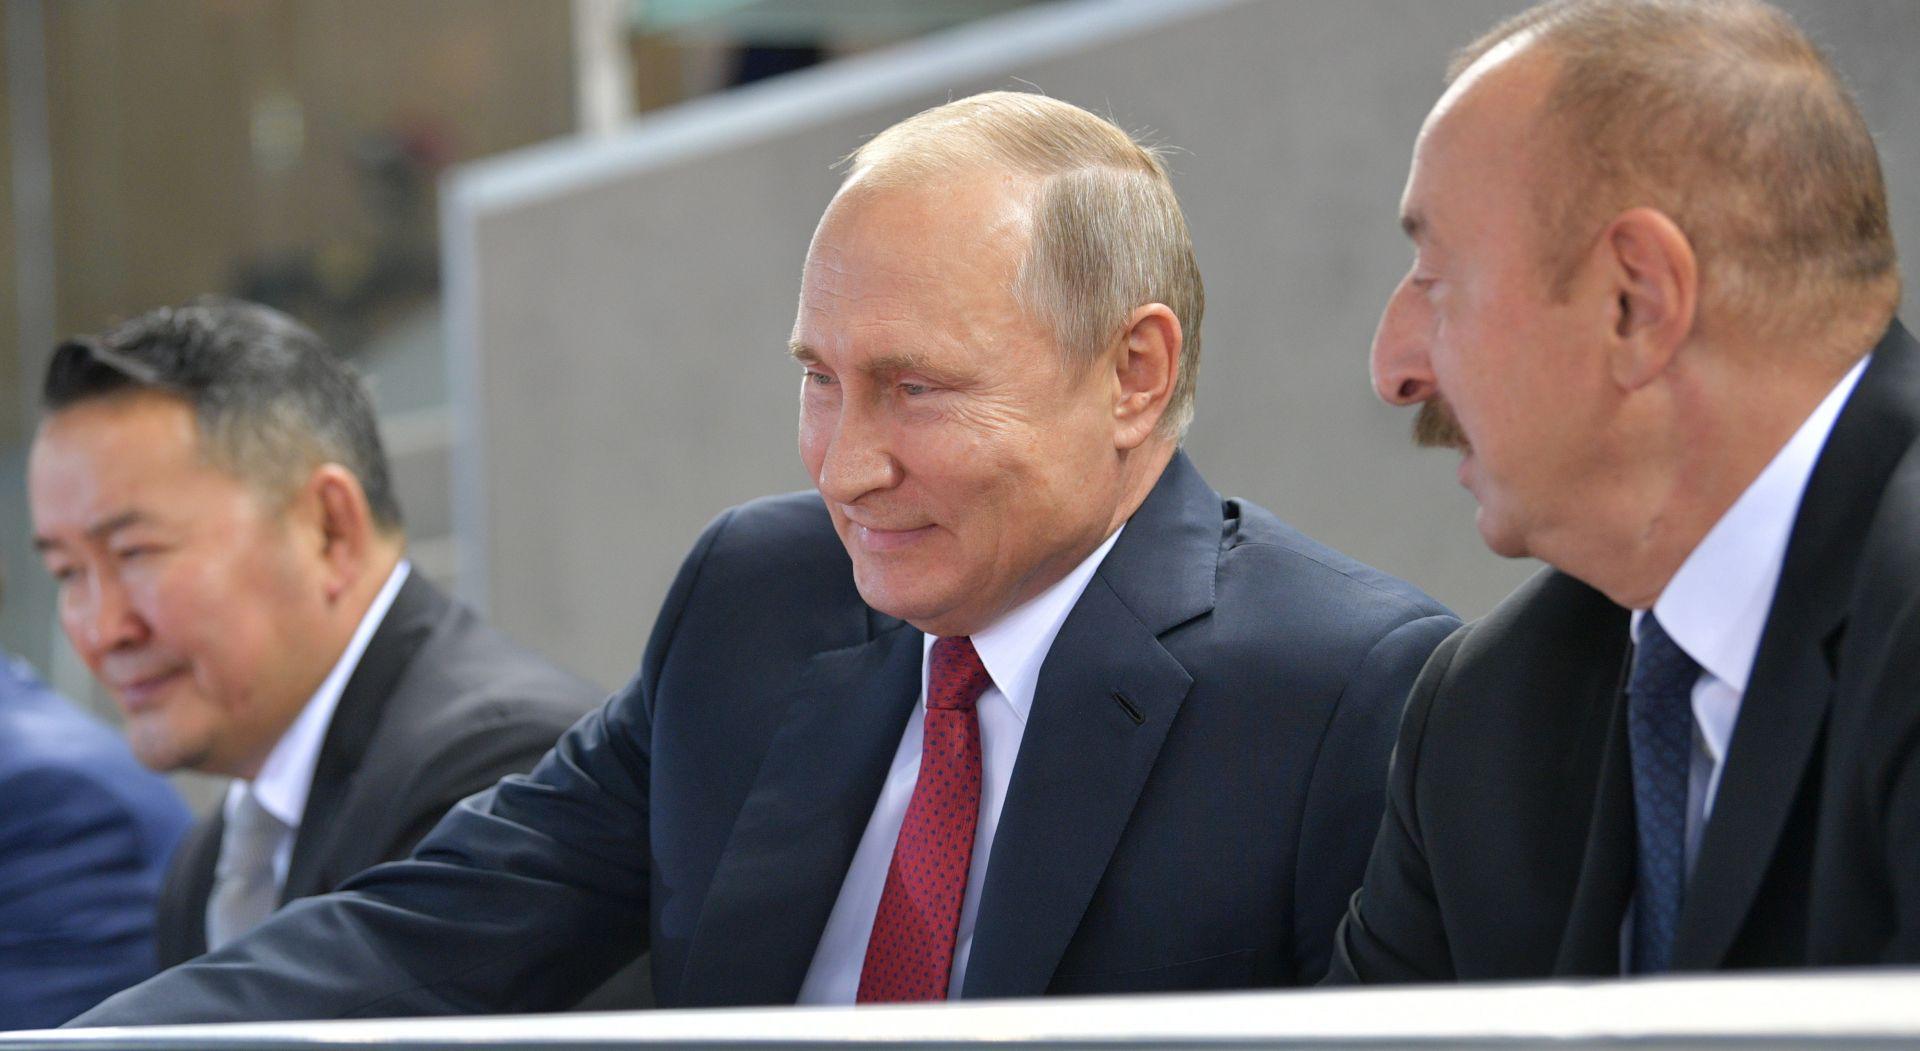 FELJTON Putinov dolazak na vlast uz pomoć obitelji Jeljcin i Abramoviča